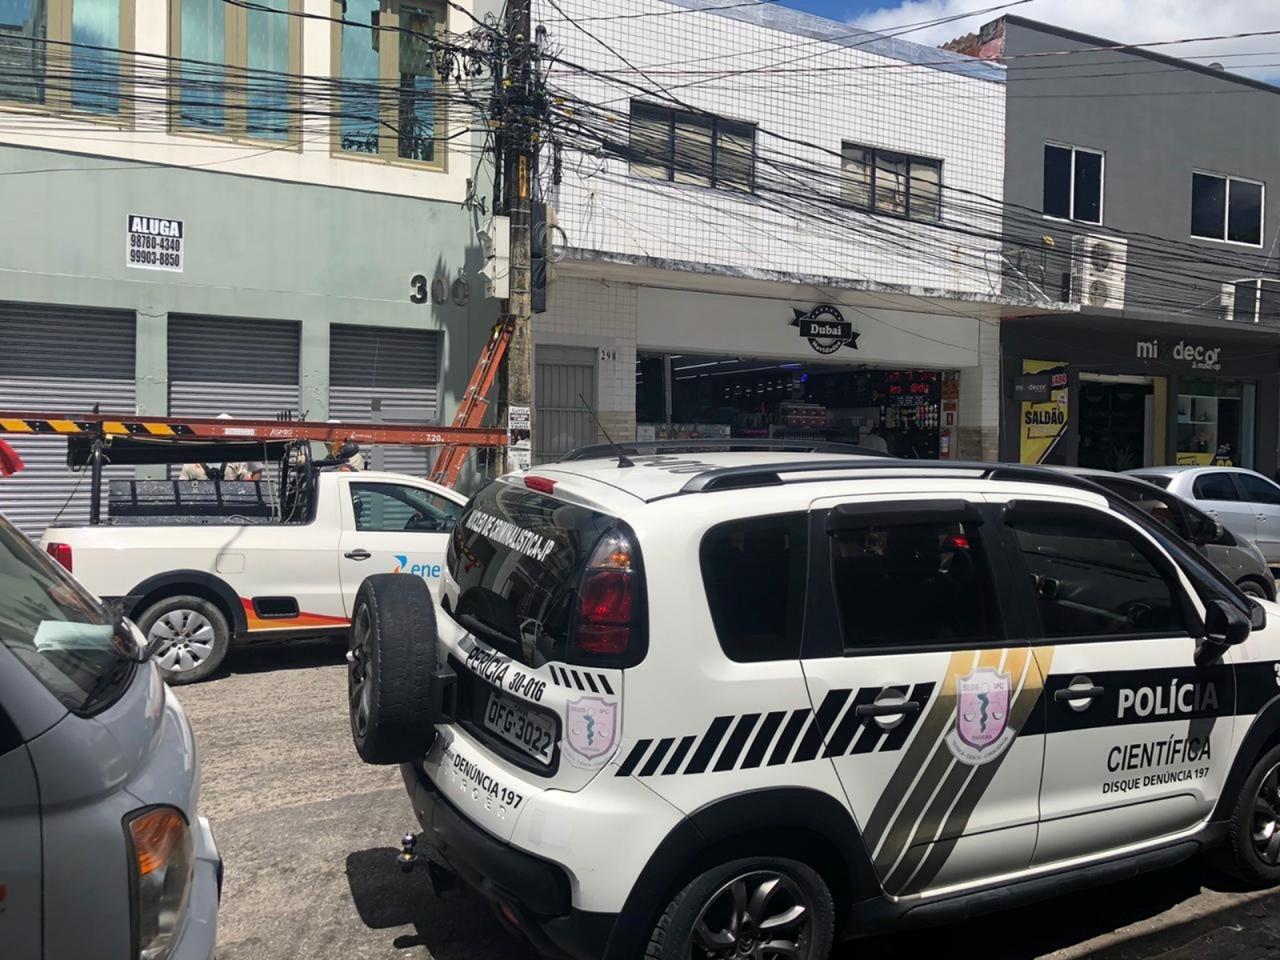 energisa e policia civil ralzam acao no centro de joao pessoa 01 - Energisa e Polícia Civil realizam operação e flagram ligações clandestinas de energia, em João Pessoa